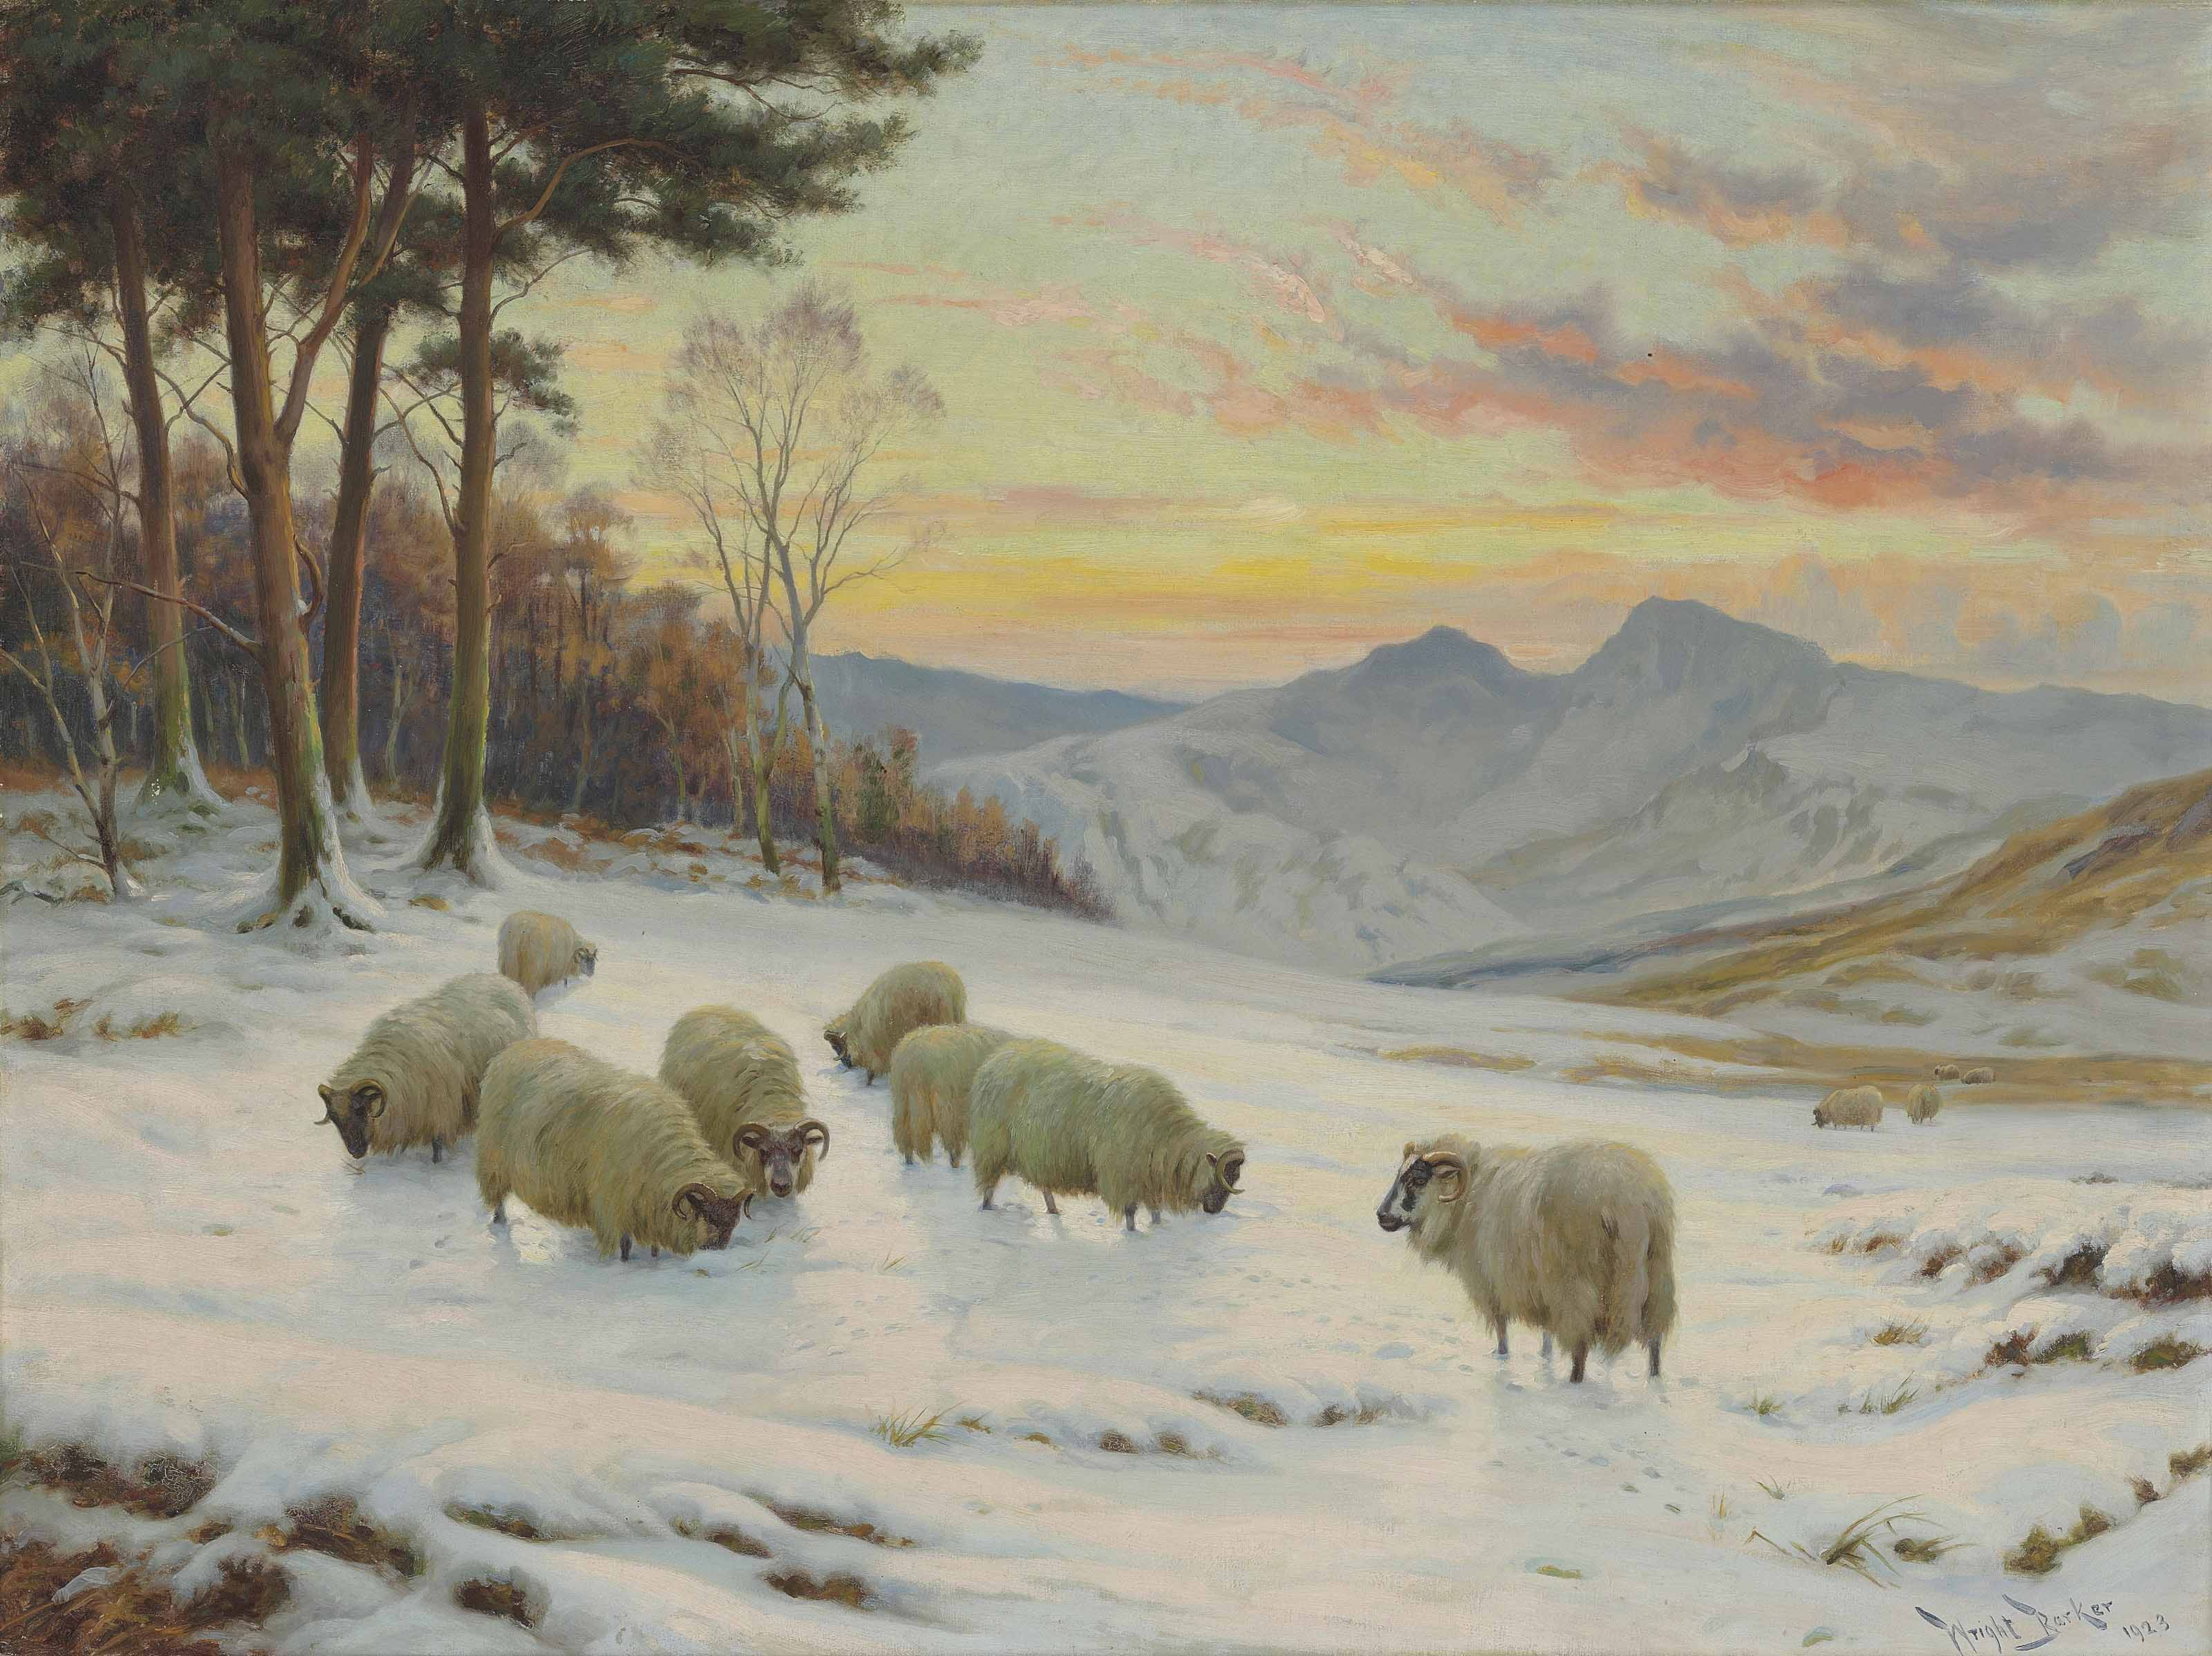 A winter's evening